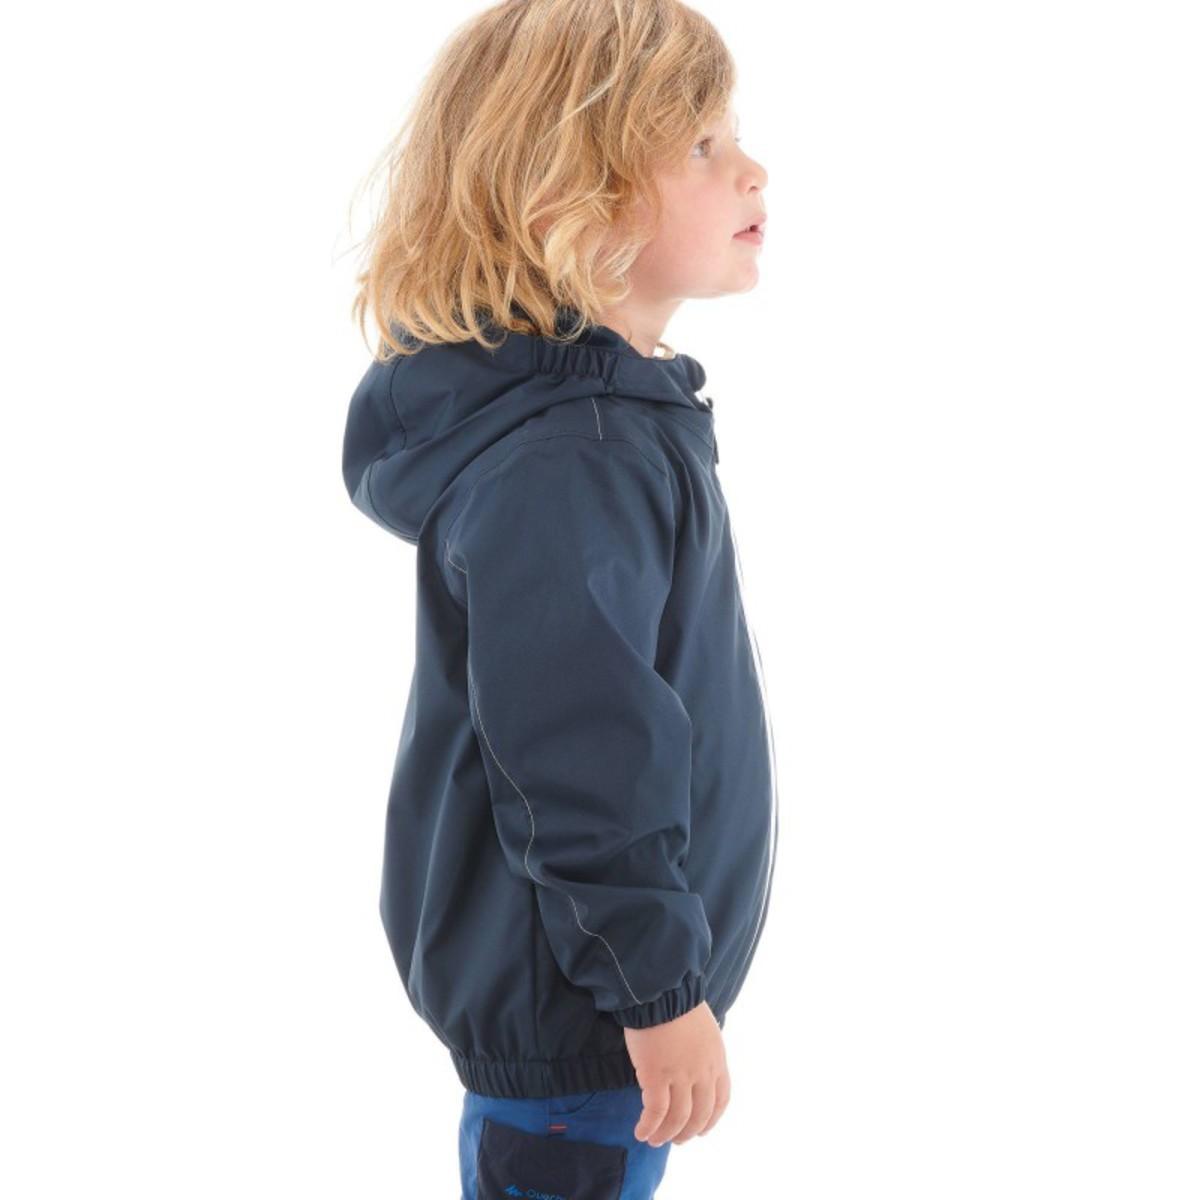 Bild 4 von Regenjacke Arpenaz 500 light Boy Kinder marineblau QUECHUA